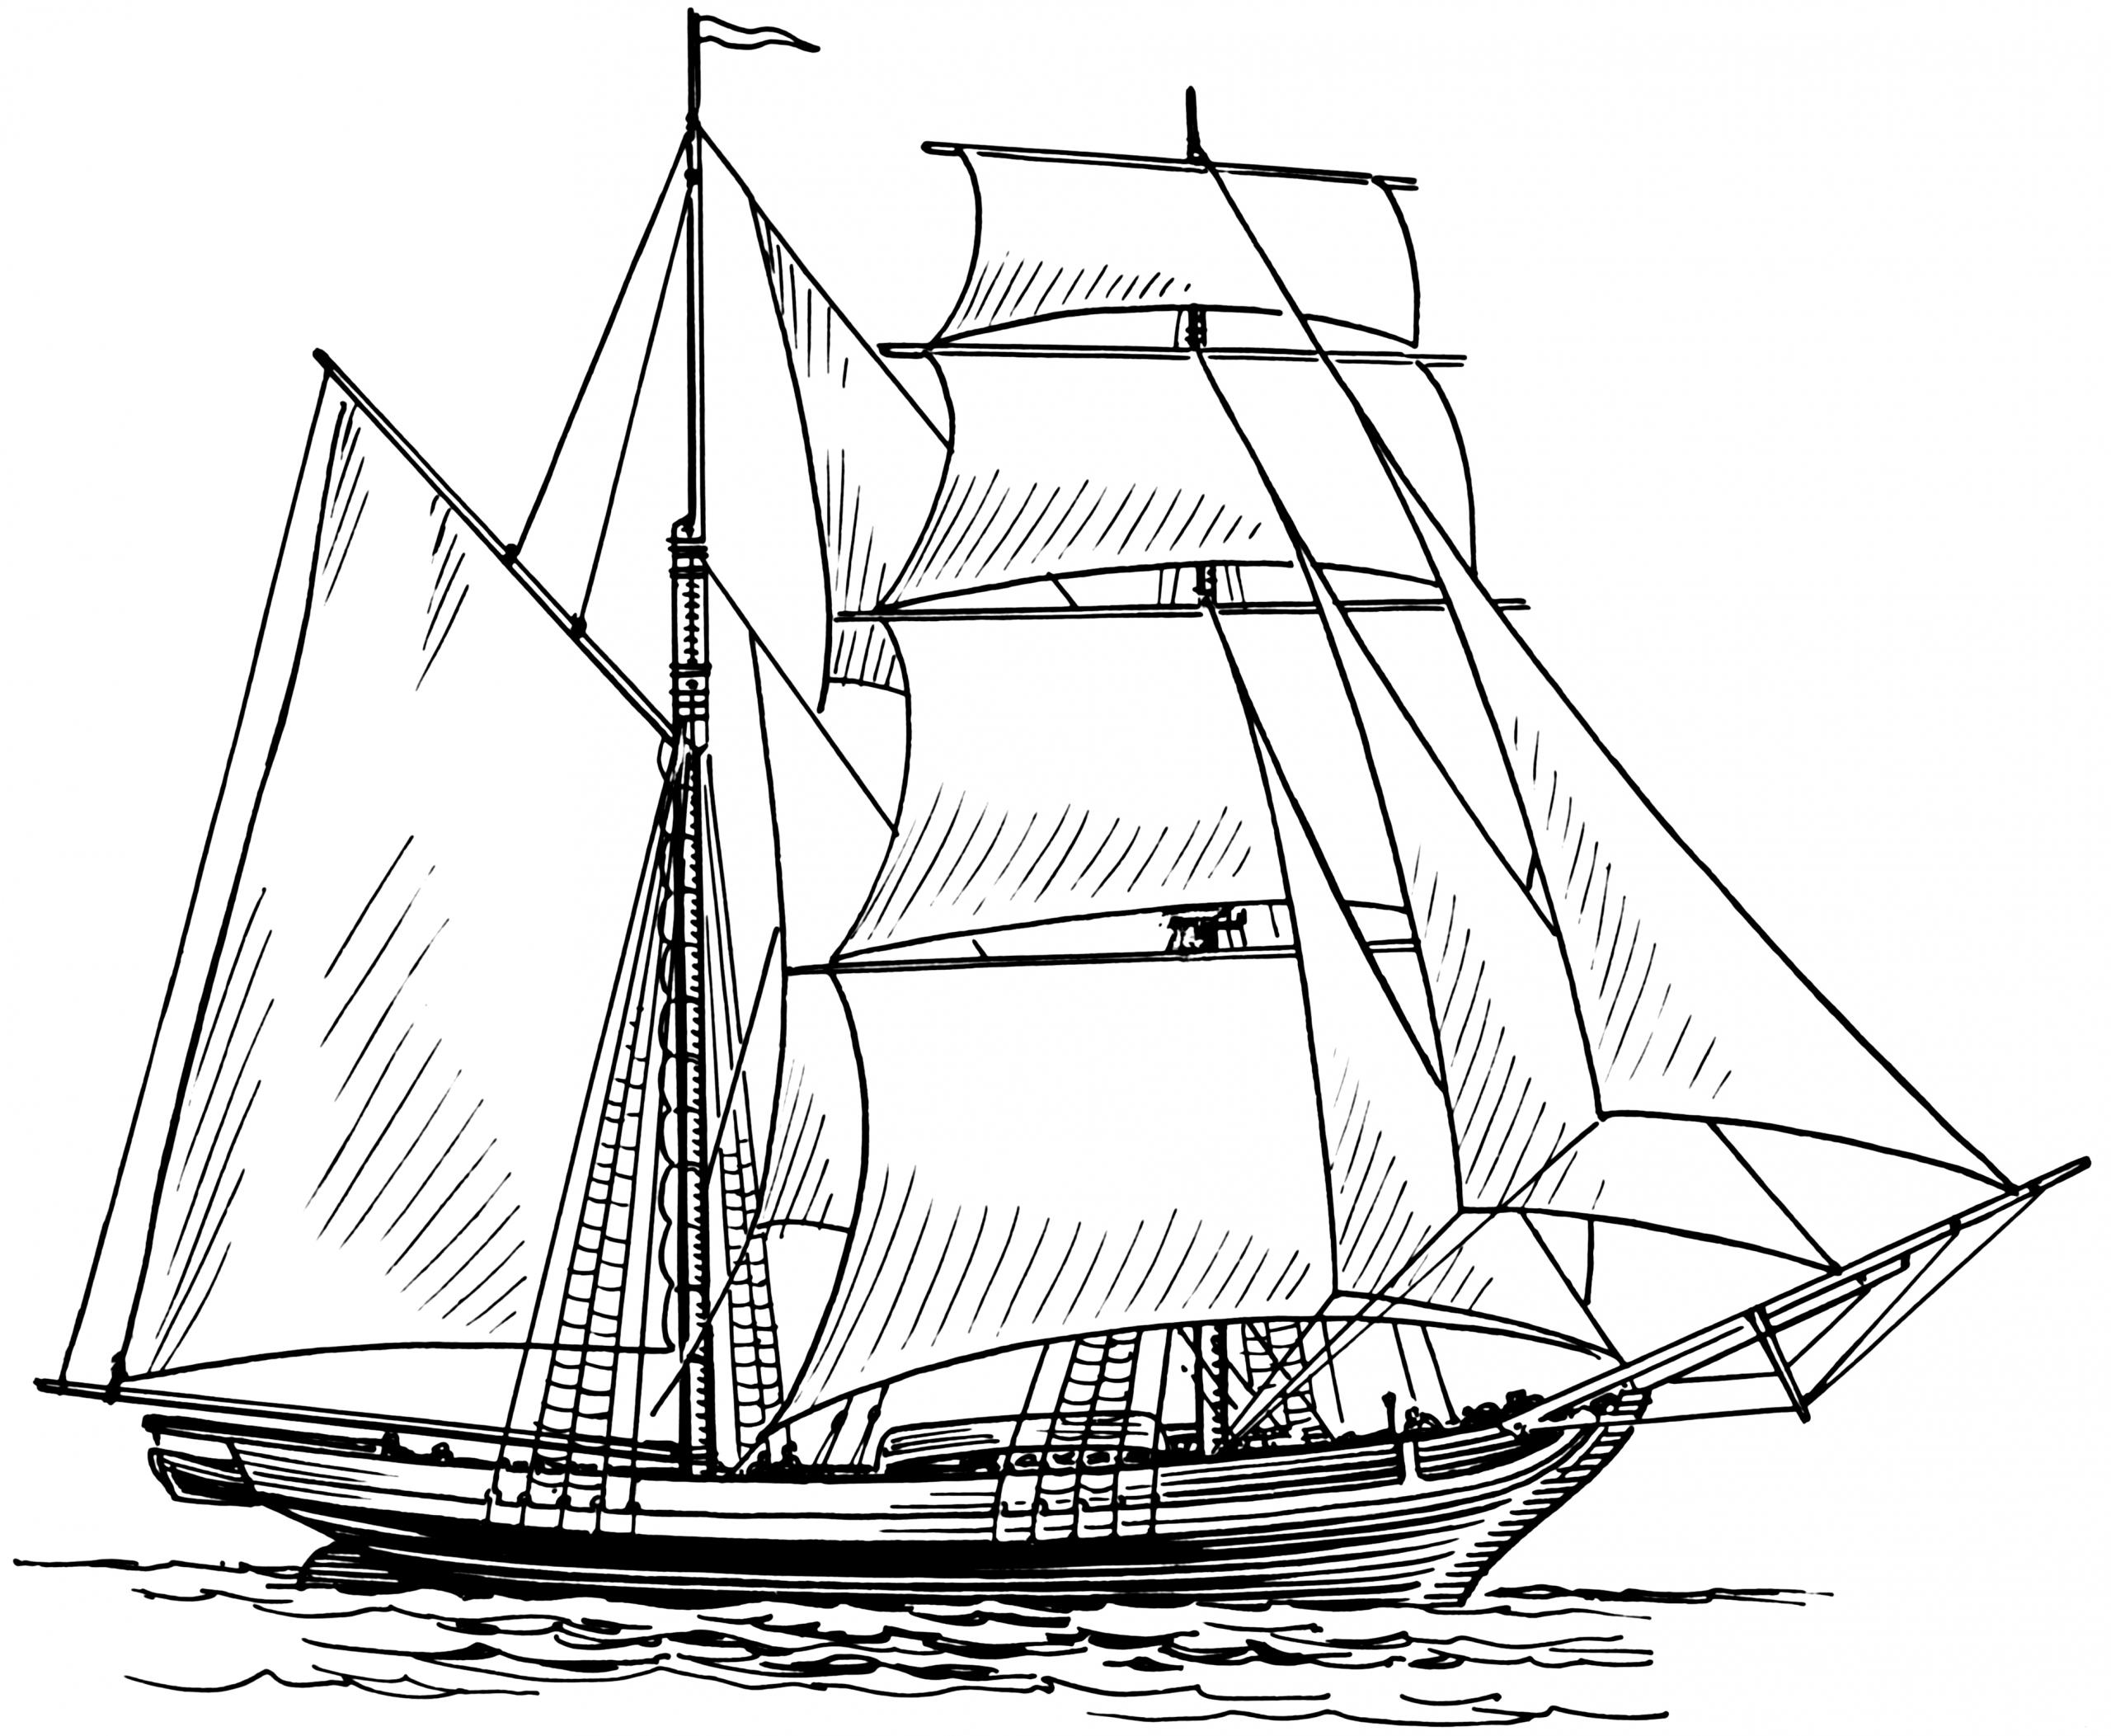 Brigantine (Schiff) über Schiff Zeichnung